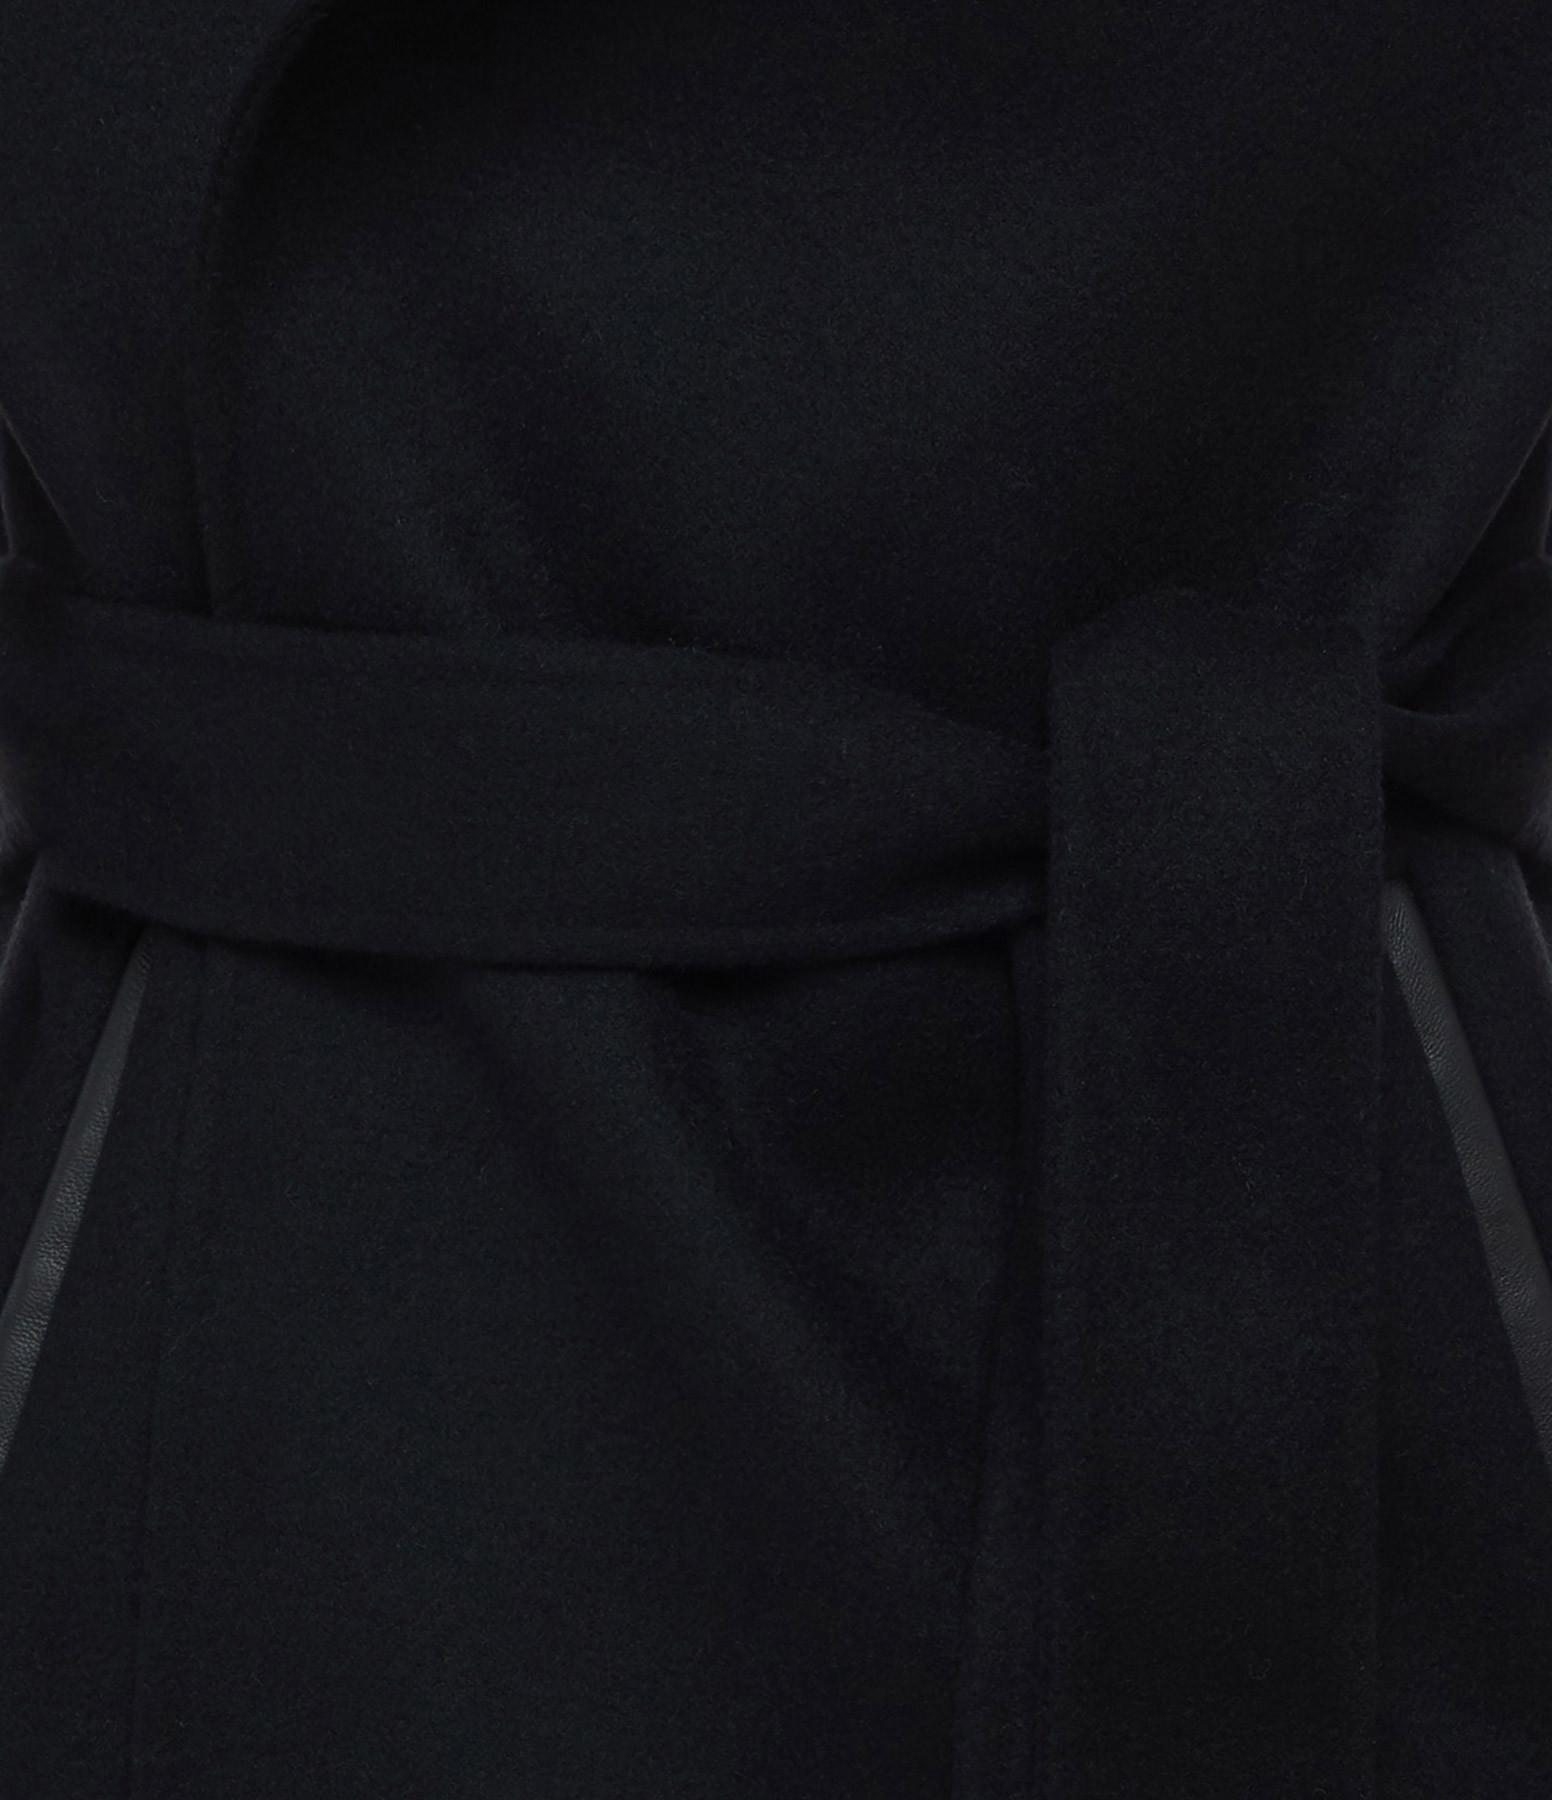 MACKAGE - Manteau Azara Laine Noir